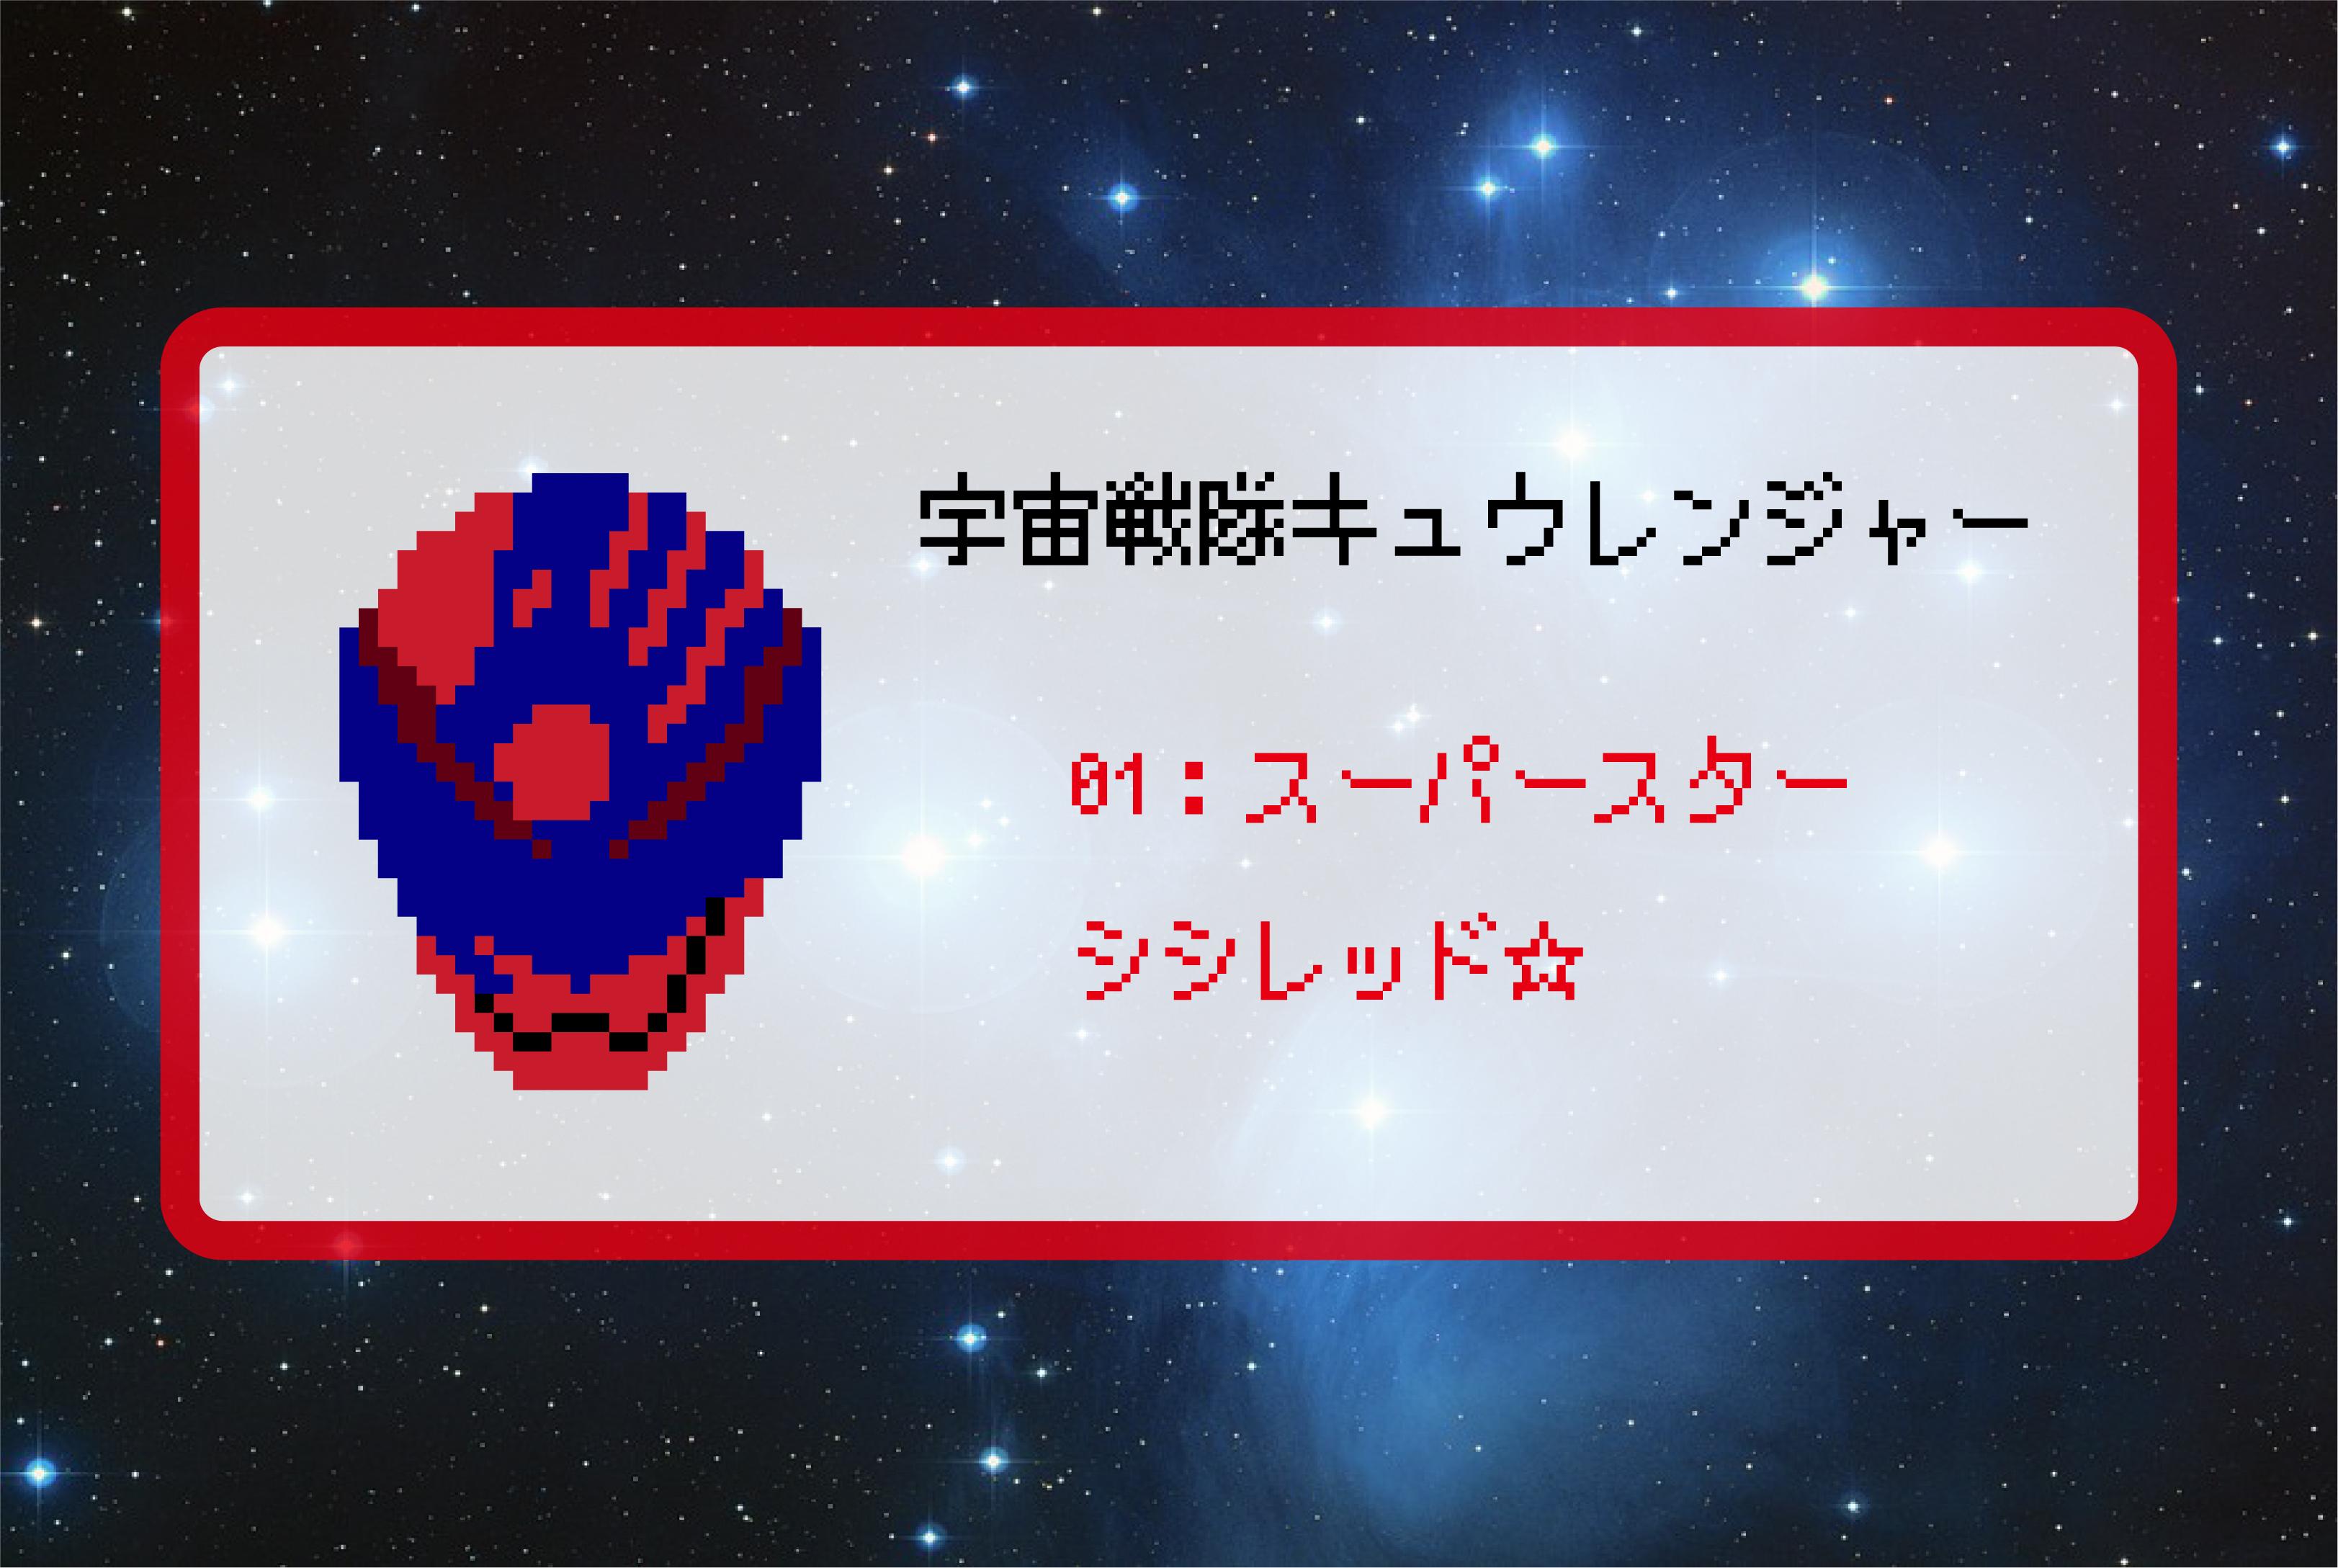 【宇宙戦隊キュウレンジャー】シシレッドのアイロンビーズ図案